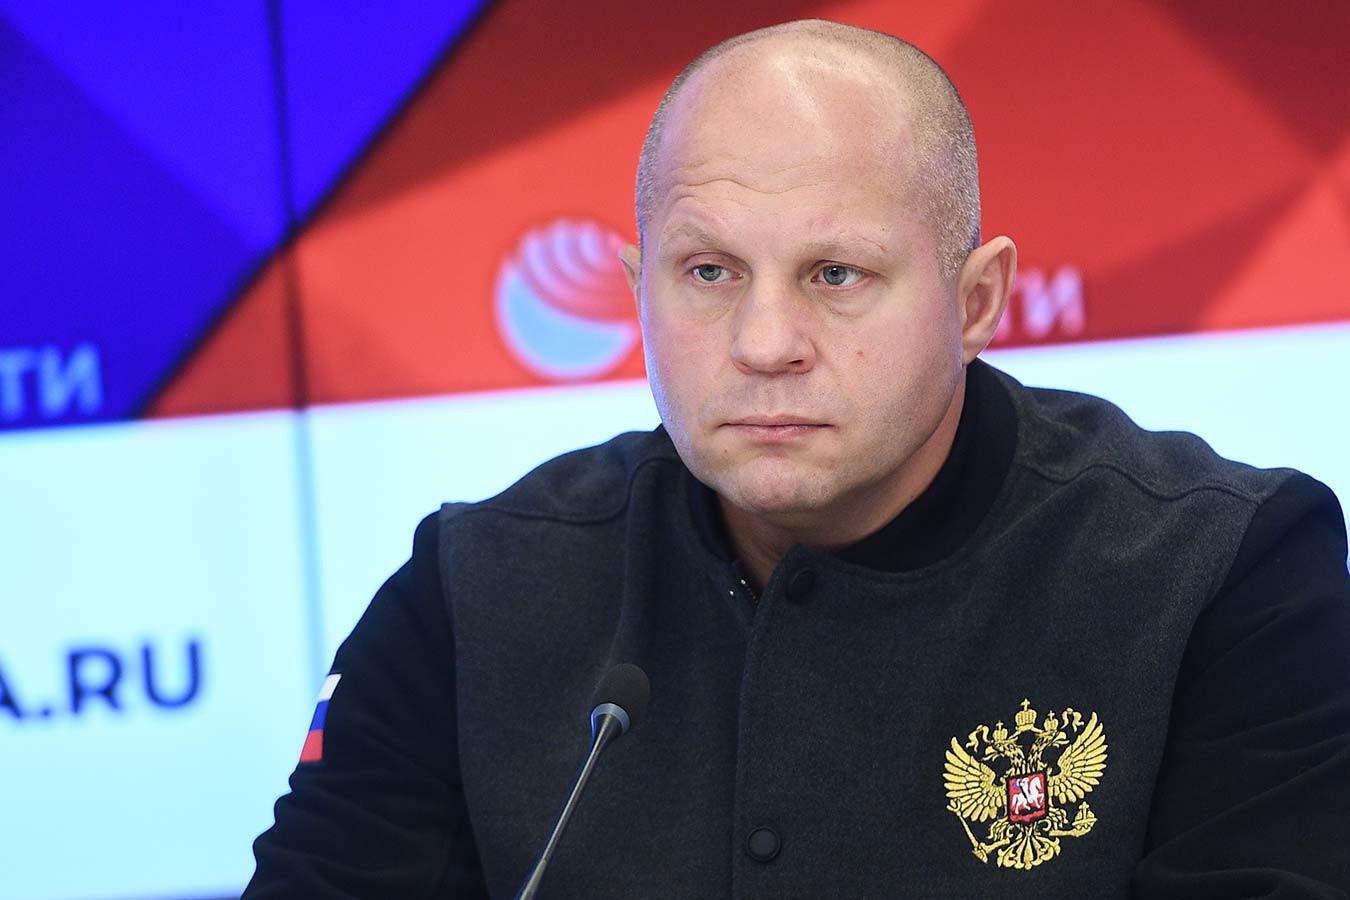 Фёдор Емельяненко объяснил, почему не читает комментарии о себе в интернете